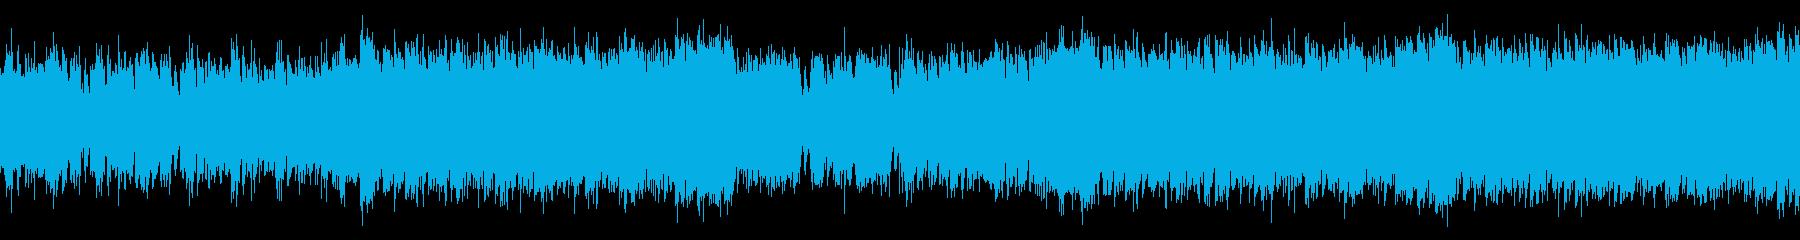 ワールド・情熱的・映画・ディスコの再生済みの波形